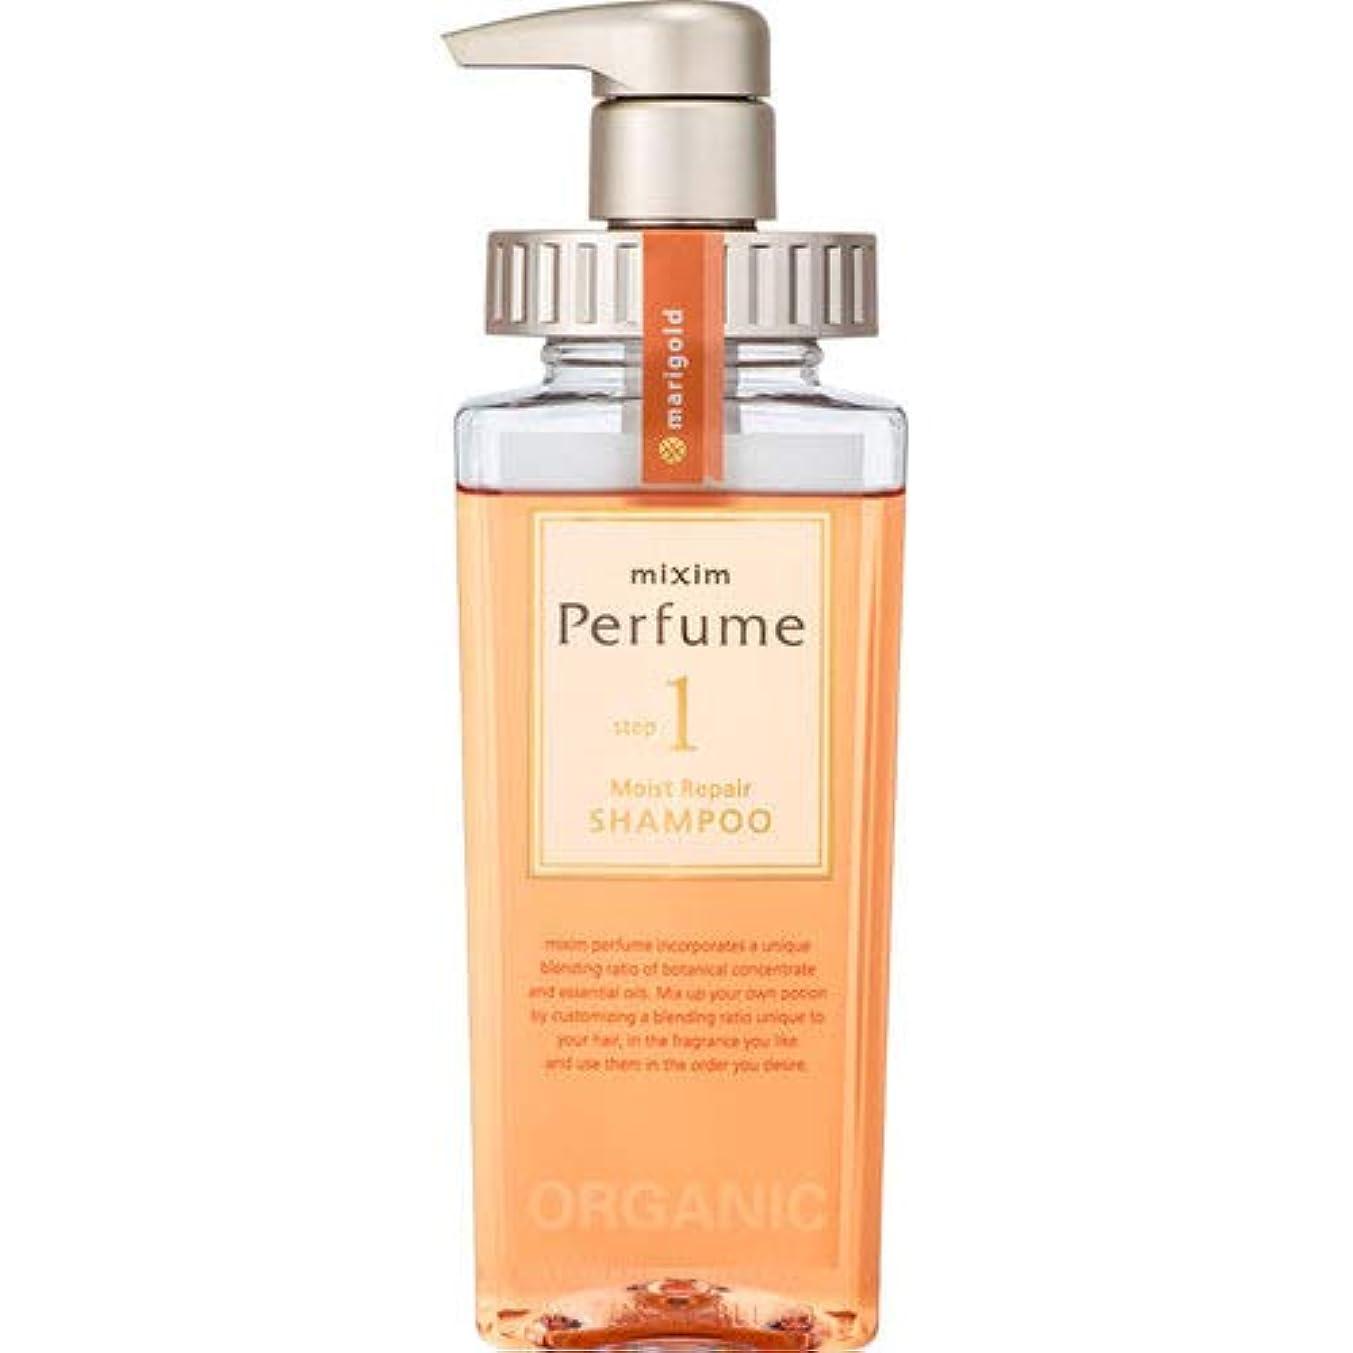 フルートヘッドレスオッズmixim Perfume(ミクシムパフューム) モイストリペア シャンプー 440mL